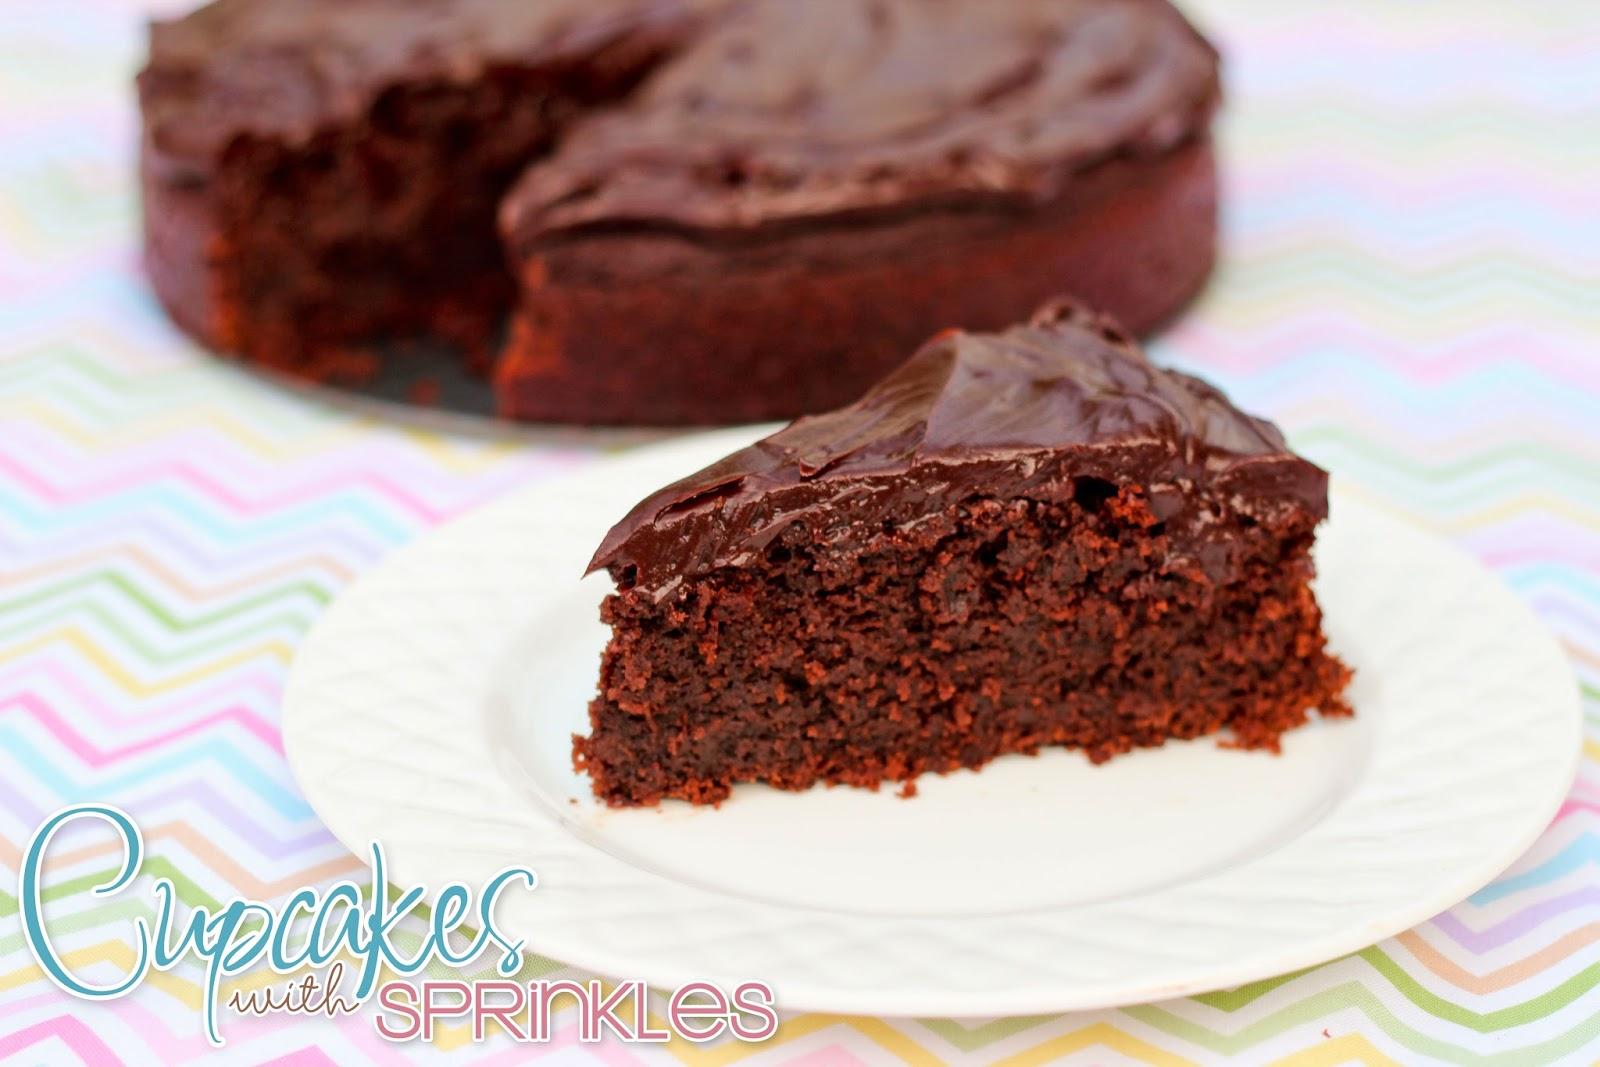 Cupcakes with Sprinkles: Chocolate Mud Cake